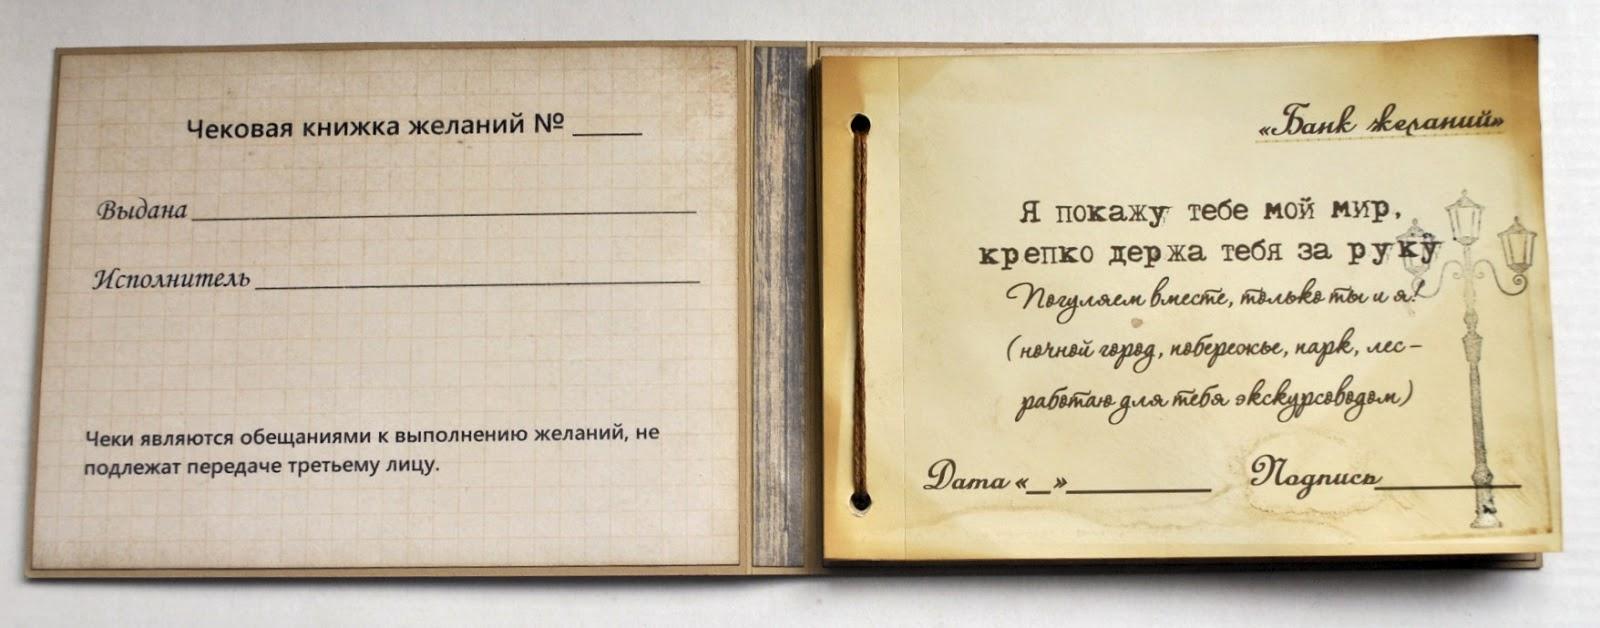 Как сделать чековую книжку желаний для мужа